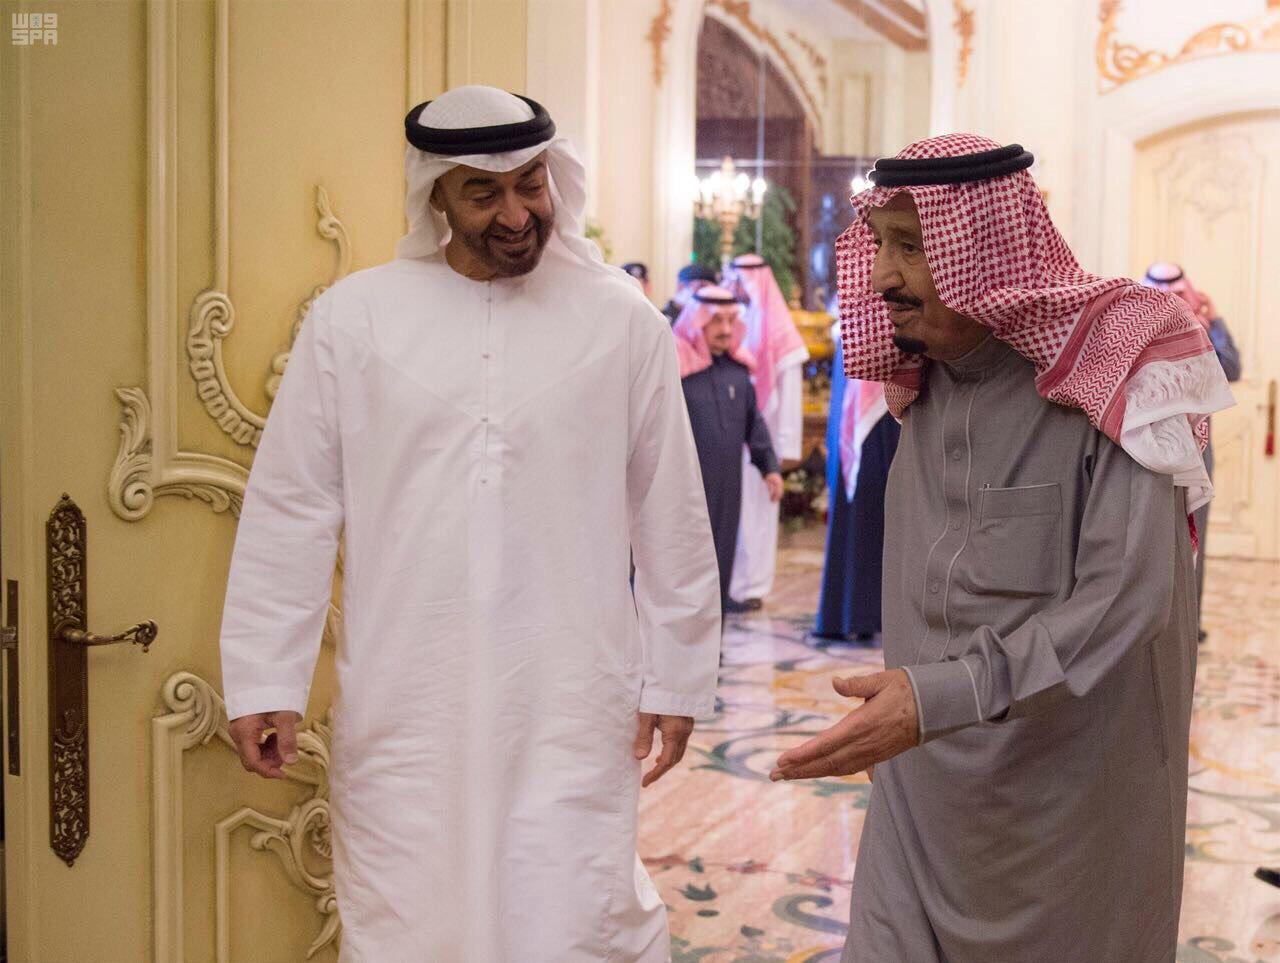 ملک سلمان پادشاه عربستان و ولیعهد ابوظبی شیخ محمد بن زائد آل نهیان